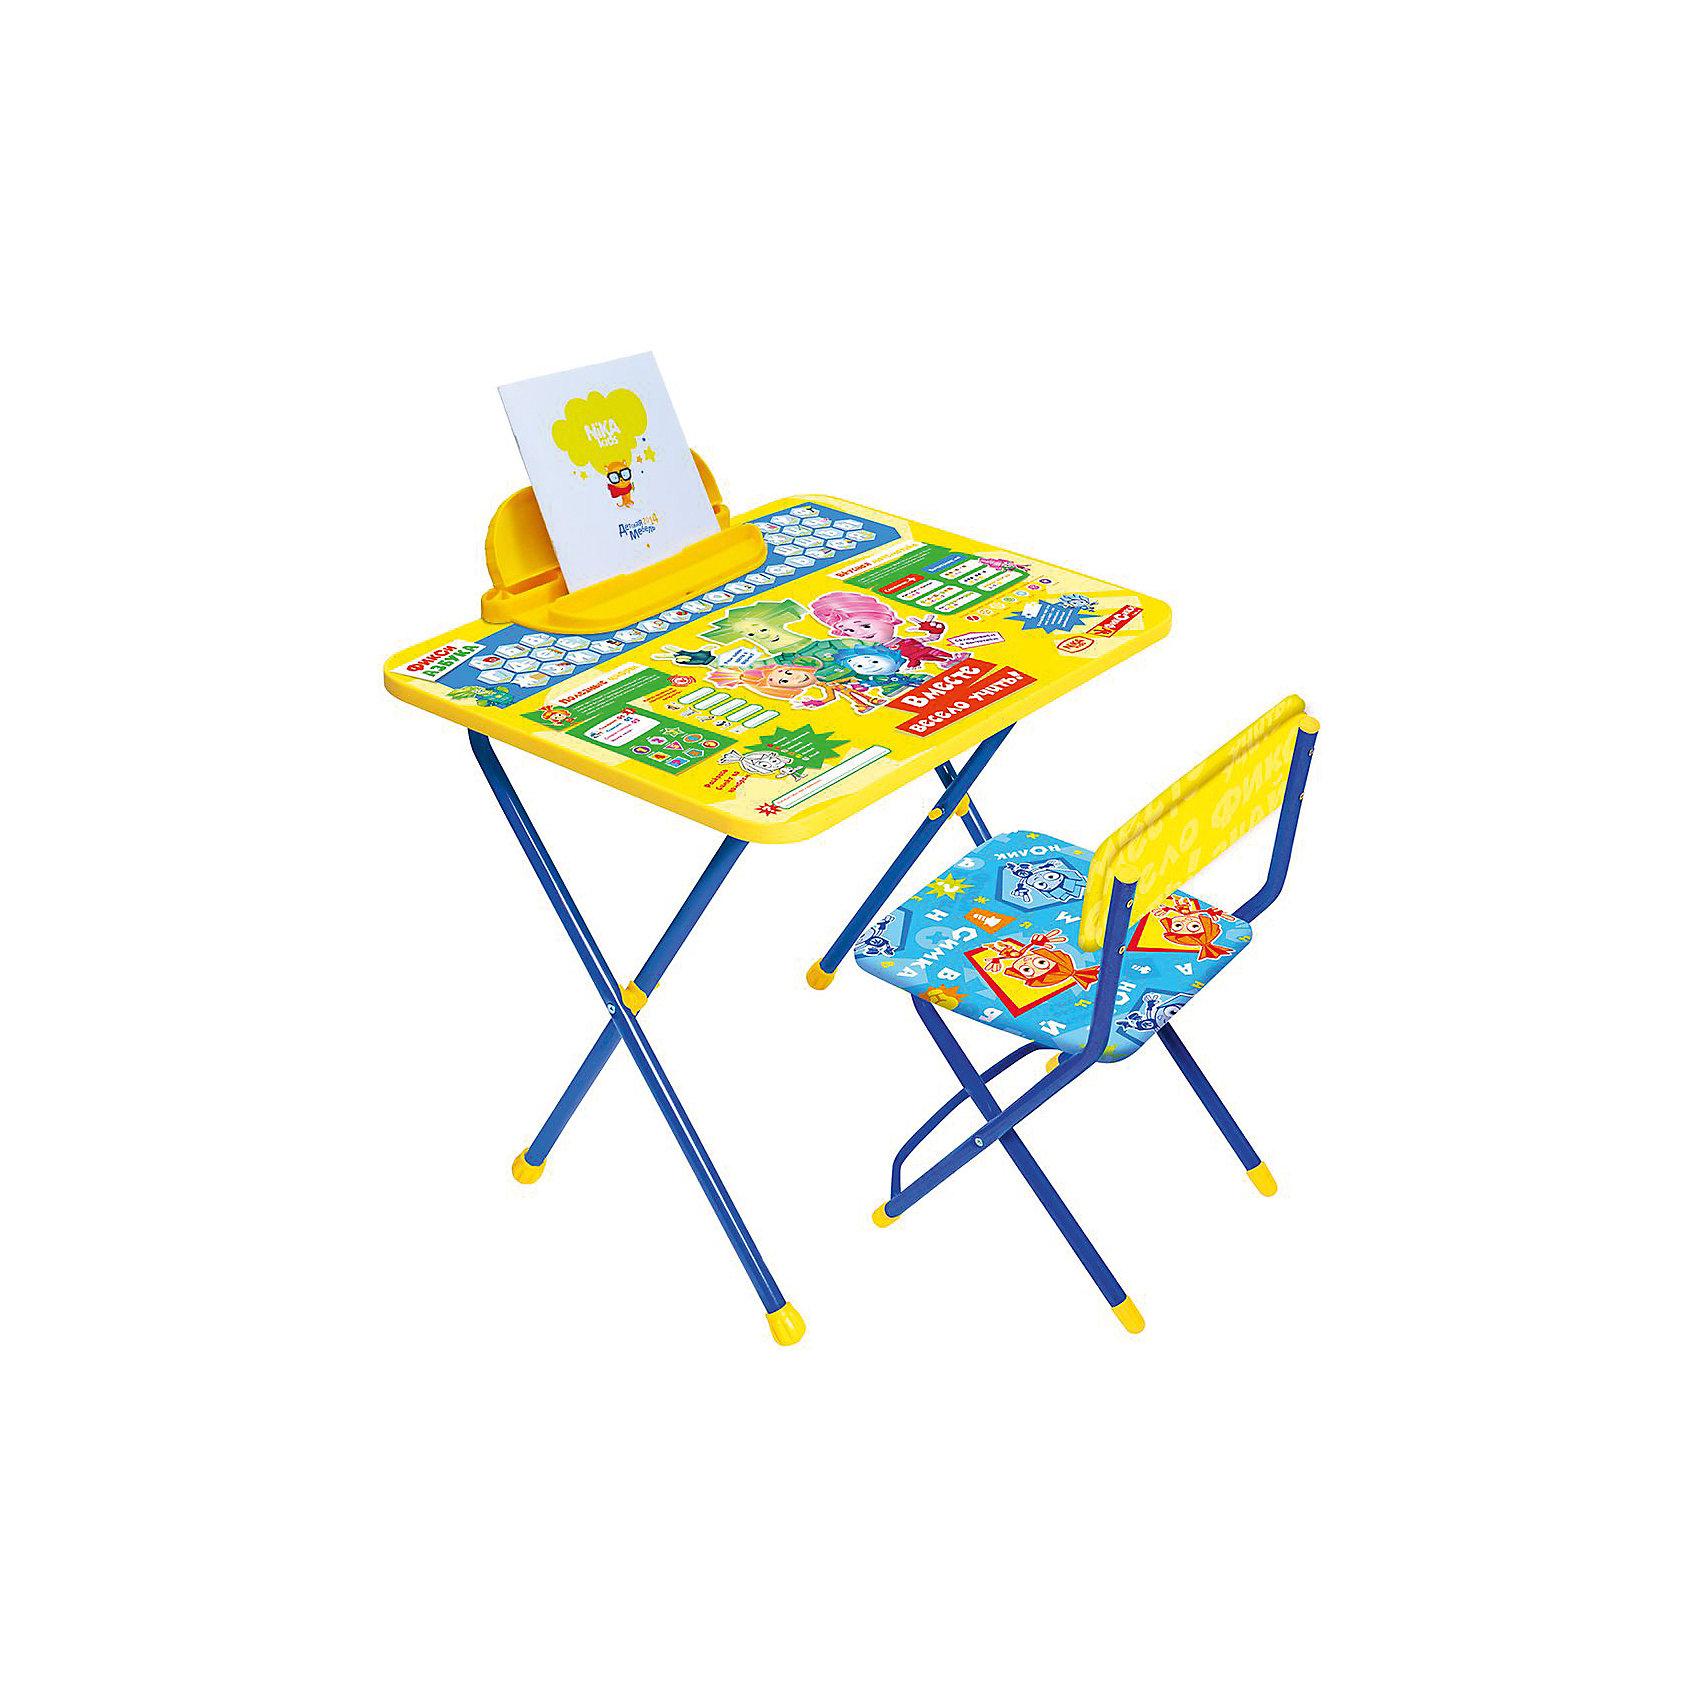 Набор мебели Ф1А . Фикси Азбука, НикаМебель<br>Характеристики товара:<br><br>• материал: металл, пластик<br>• размер столешницы: 60х45 см<br>• высота стола: 58 см<br>• сиденье: 31х27 см<br>• высота до сиденья: 30 см<br>• высота со спинкой 53 см<br>• пенал<br>• складной<br>• на столешнице - полезные рисунки<br>• на ламинированной поверхности стола можно рисовать маркером на водной основе<br>• на ножках пластмассовые наконечники<br>• складной<br>• возраст: от 1,5 до 3 лет<br>• страна бренда: Российская Федерация<br>• страна производства: Российская Федерация<br><br>Детская мебель может быть удобной и эргономичной! Этот комплект разработан специально для детей от полутора до трех лет. Он легко складывается и раскладывается, занимает немного места, легко моется. Каркас сделан из прочного, но легкого металла, а на ножках установлены пластмассовые наконечники для защиты напольного покрытия. Столешница украшена полезными познавательными рисунками. Отличное решение как для кормления малыша, так и для игр, творчества и развивающих занятий!<br>Правильно подобранная мебель помогает ребенку расти здоровым, формироваться правильной осанке. Изделие производится из качественных сертифицированных материалов, безопасных даже для самых маленьких.<br><br>Набор мебели Фикси Азбука от бренда Ника можно купить в нашем интернет-магазине.<br><br>Ширина мм: 750<br>Глубина мм: 155<br>Высота мм: 610<br>Вес г: 7020<br>Возраст от месяцев: 180<br>Возраст до месяцев: 36<br>Пол: Унисекс<br>Возраст: Детский<br>SKU: 5223631